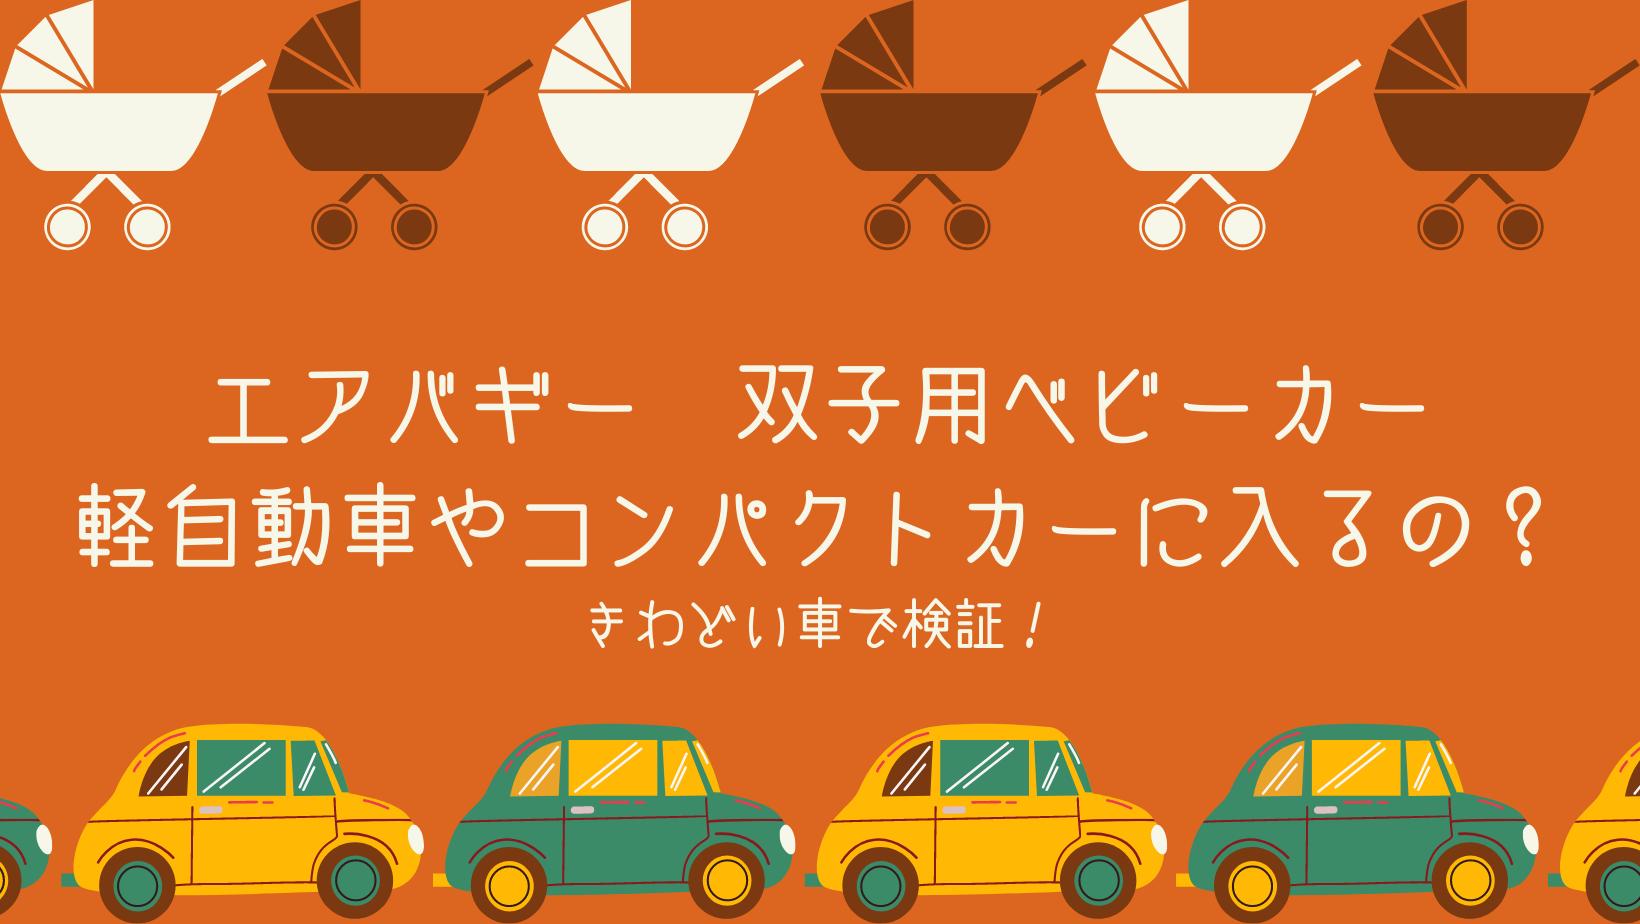 エアバギー 双子用ベビーカーは車に入るの?軽自動車やコンパクトカーは?